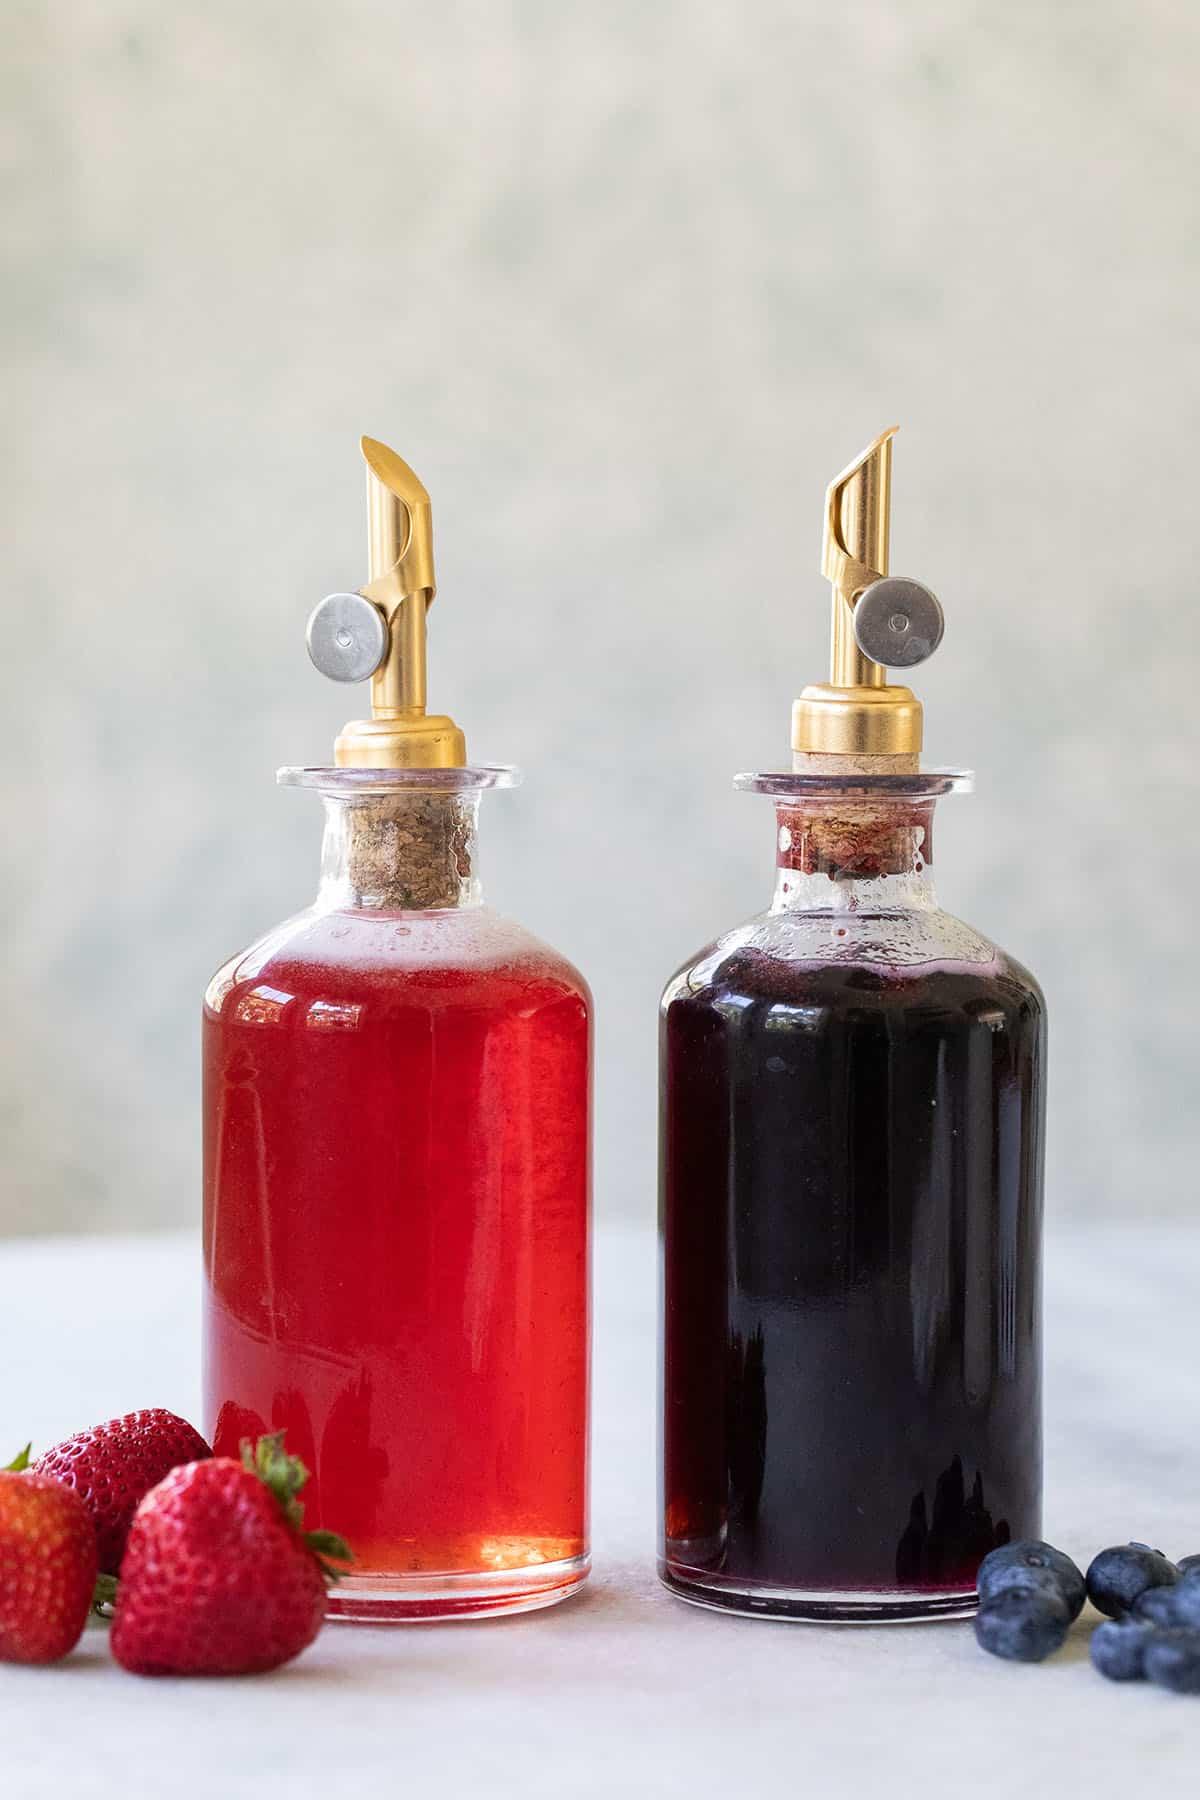 Italian soda syrup